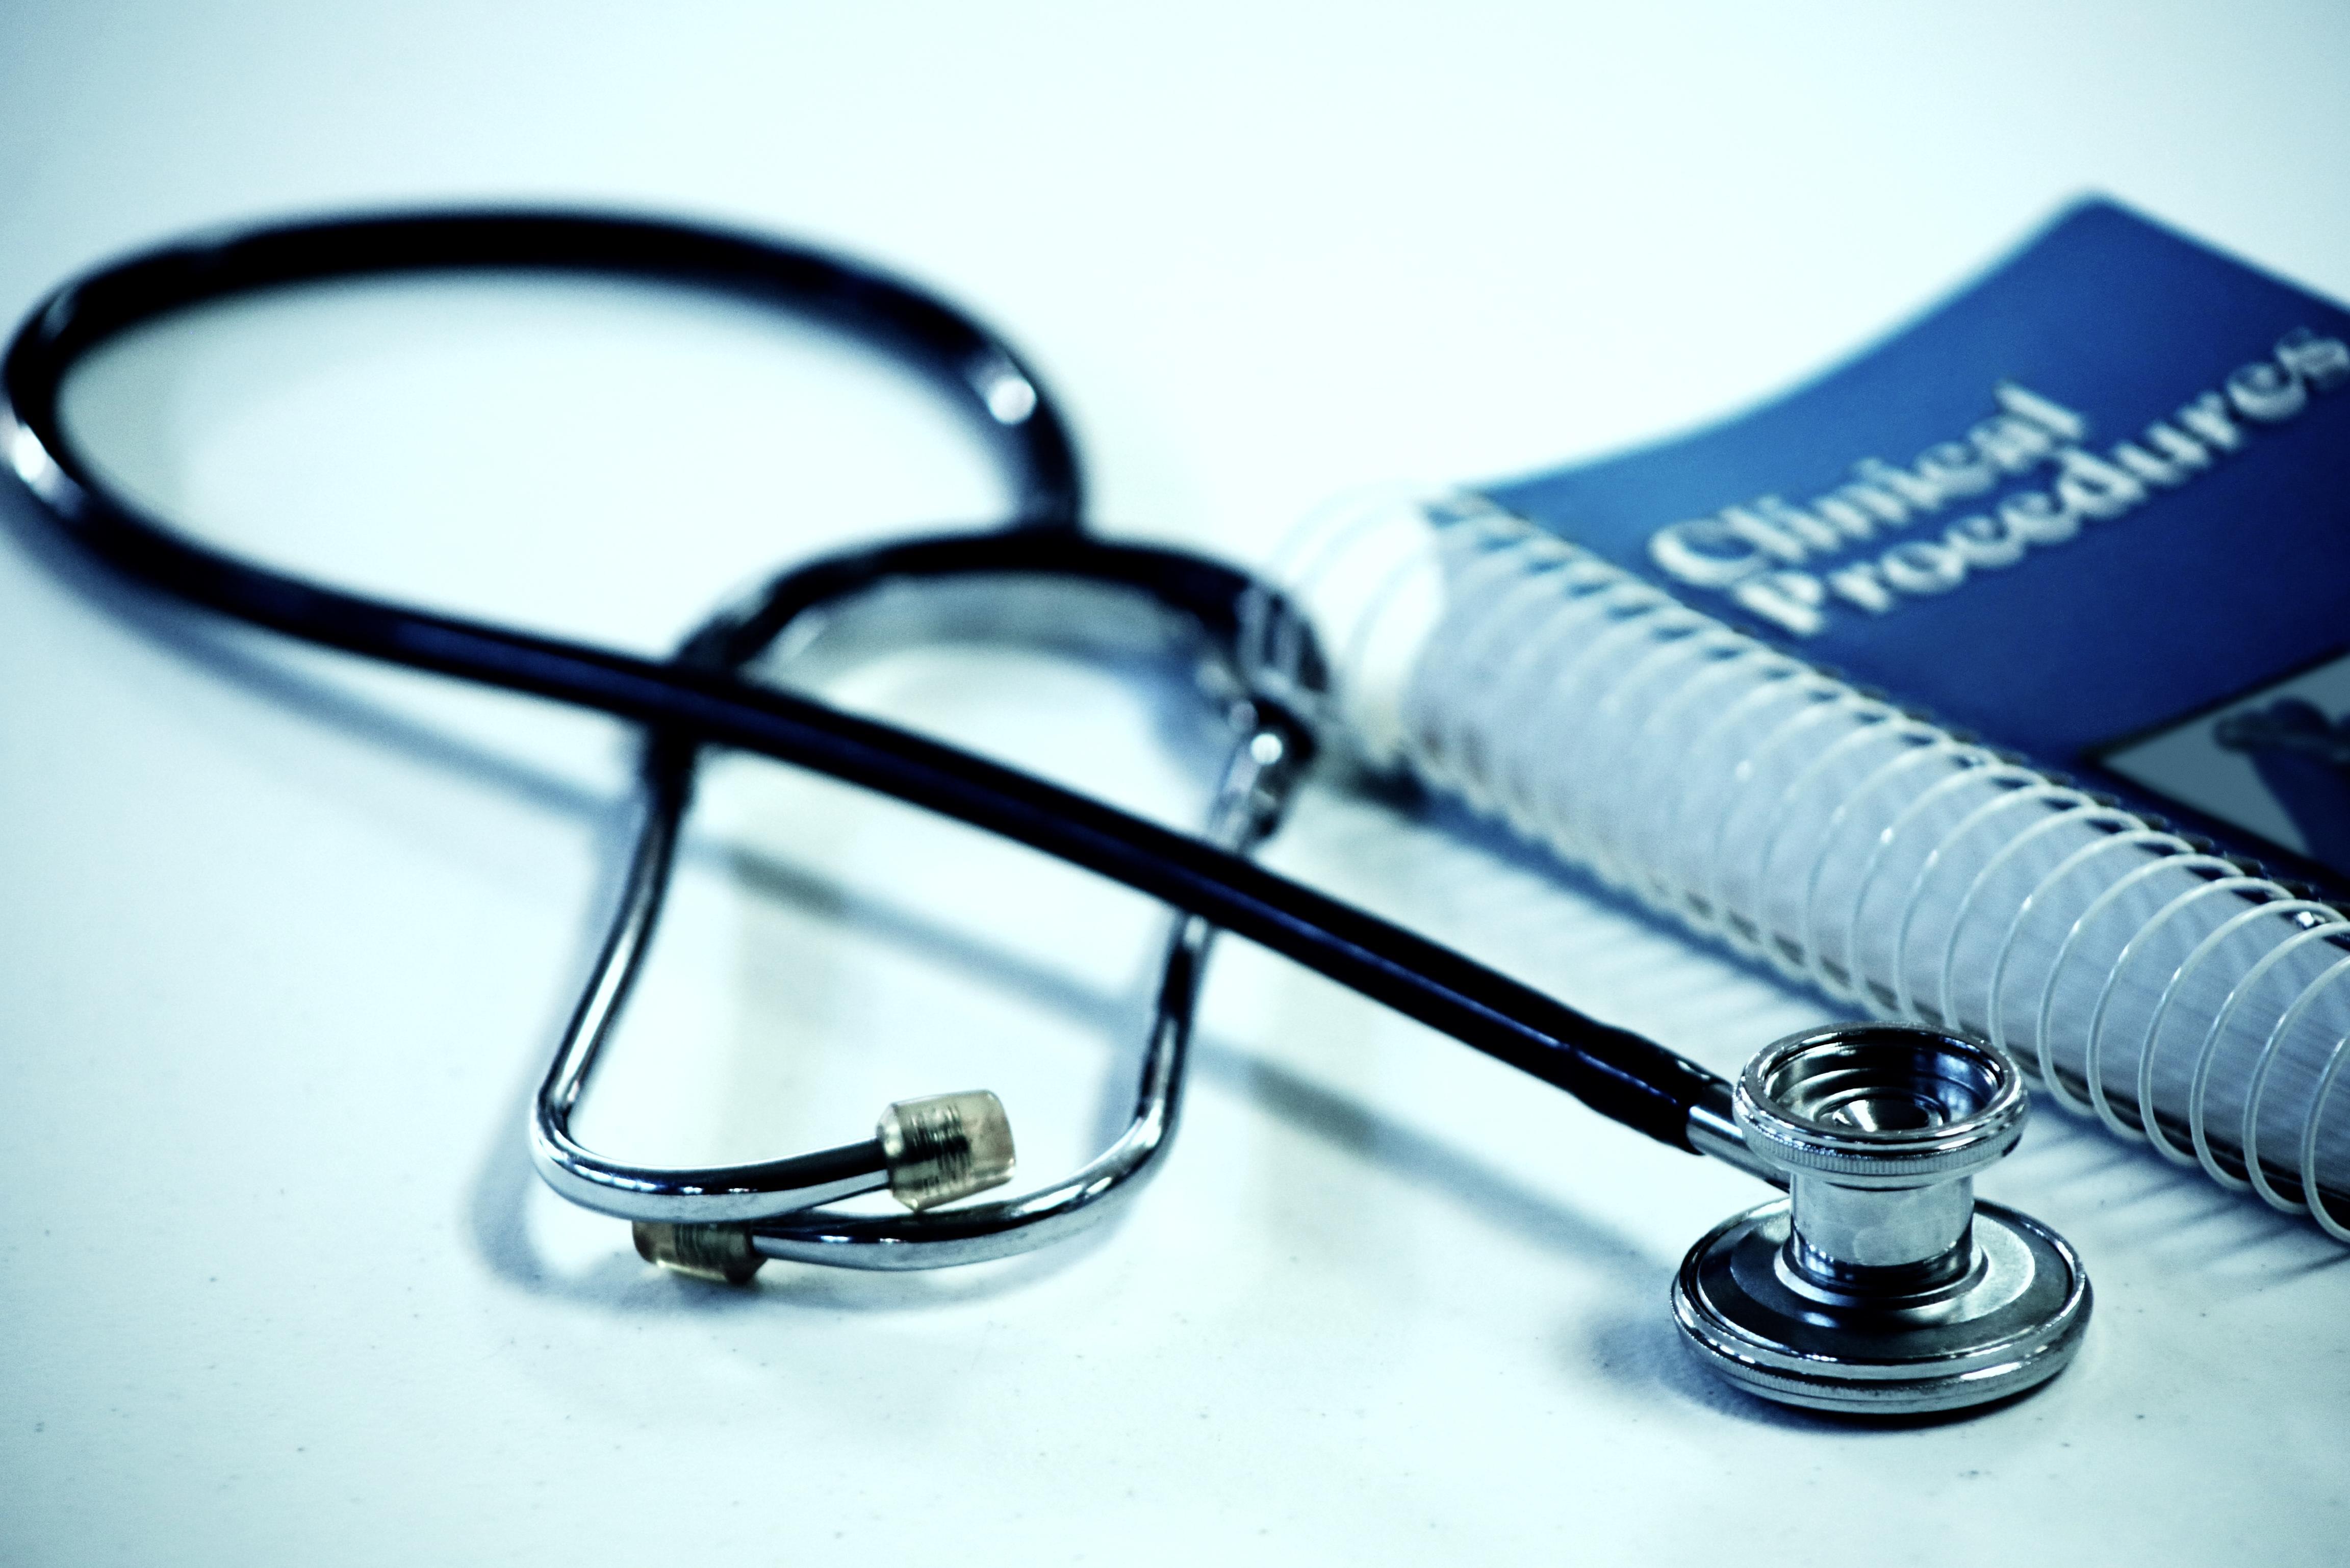 病院経営・採用の記事一覧病院経営・採用 アーカイブ - 病院経営事例集